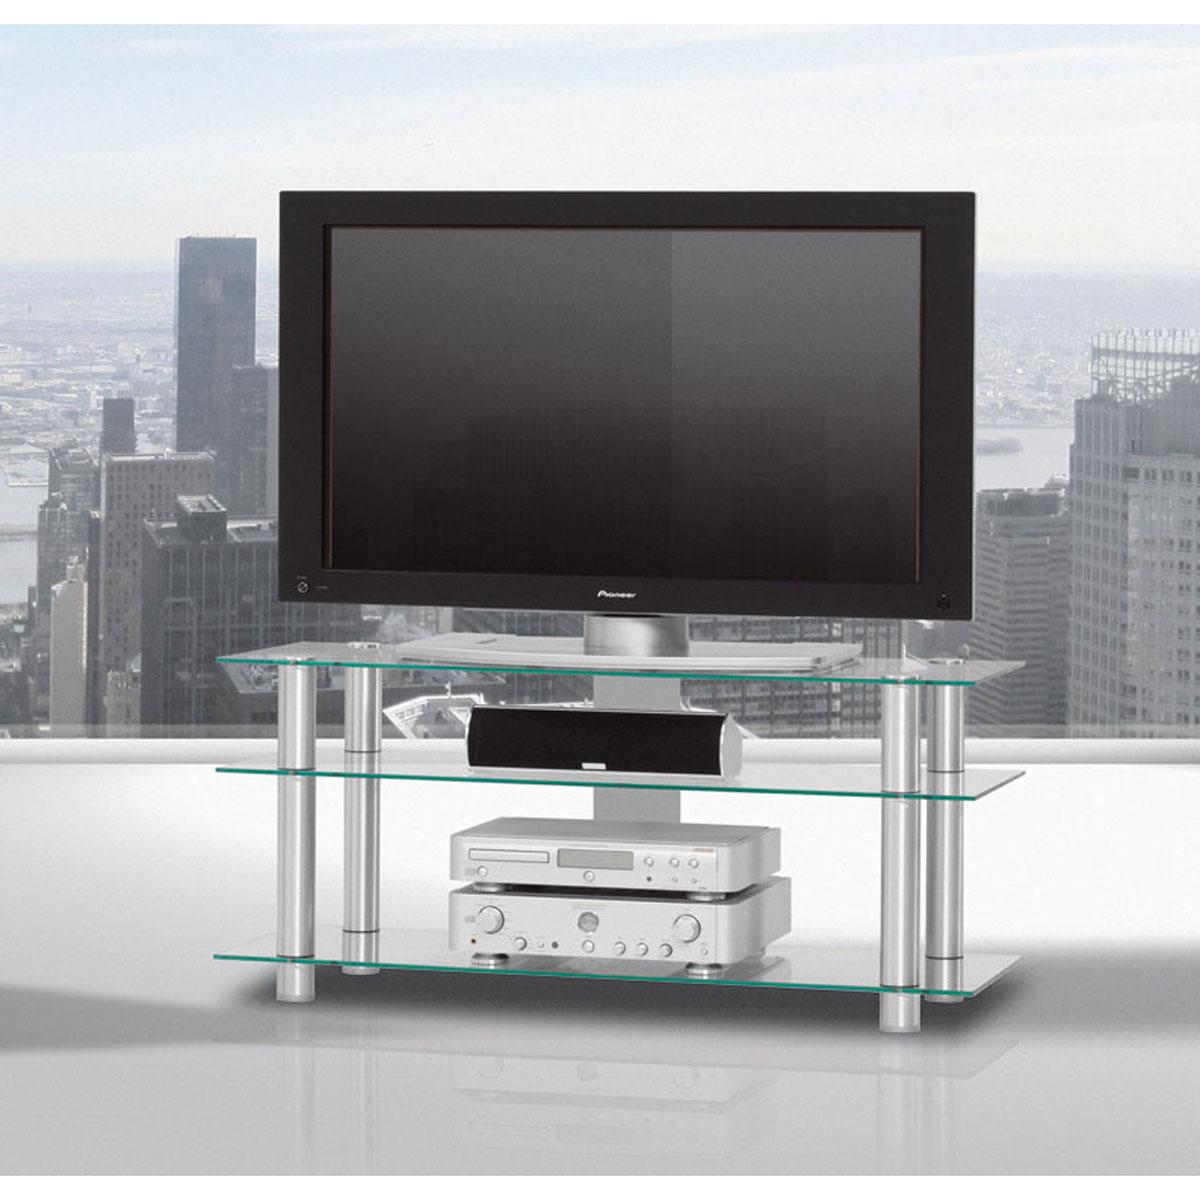 Optisch schönes Designtes rollbares TV Möbel. 120x53x40 cm (BxHxT). 3 Fachböden aus Glas. Mit Kabelmanagement. Säulen aus Aluminium. Modell TV 1203 von Just Racks.